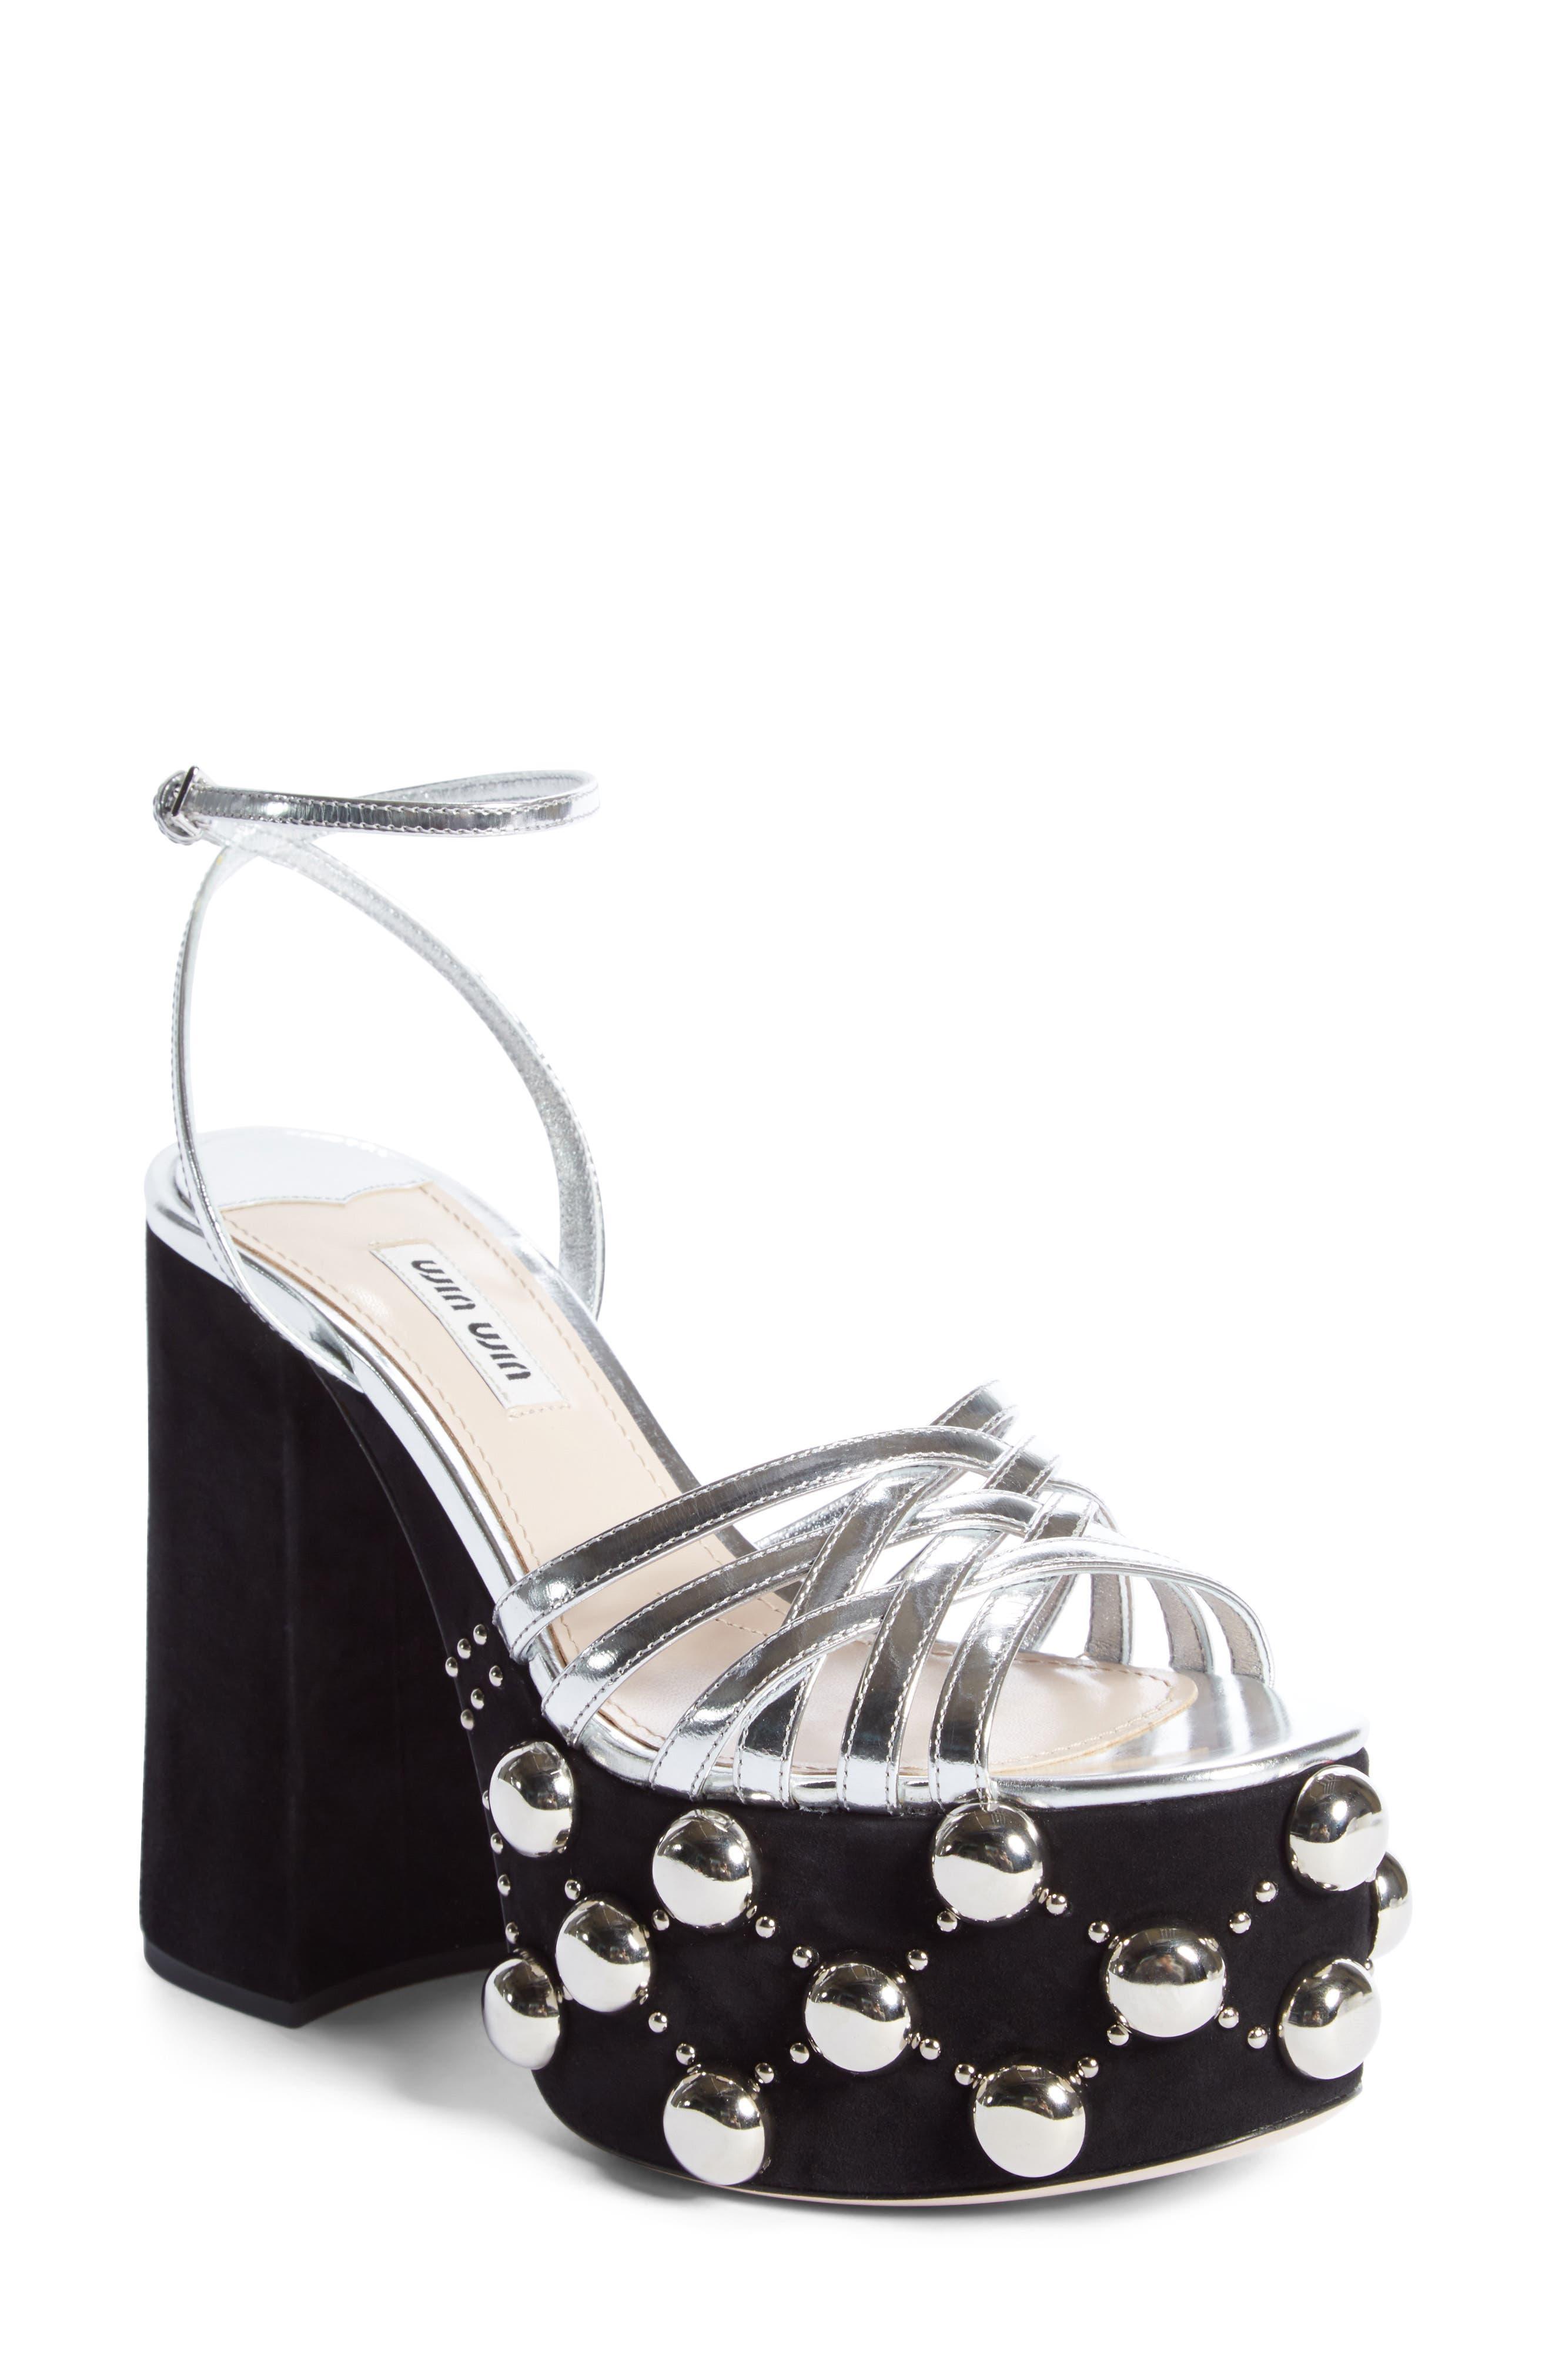 Main Image - Miu Miu Studded Platform Sandal (Women)